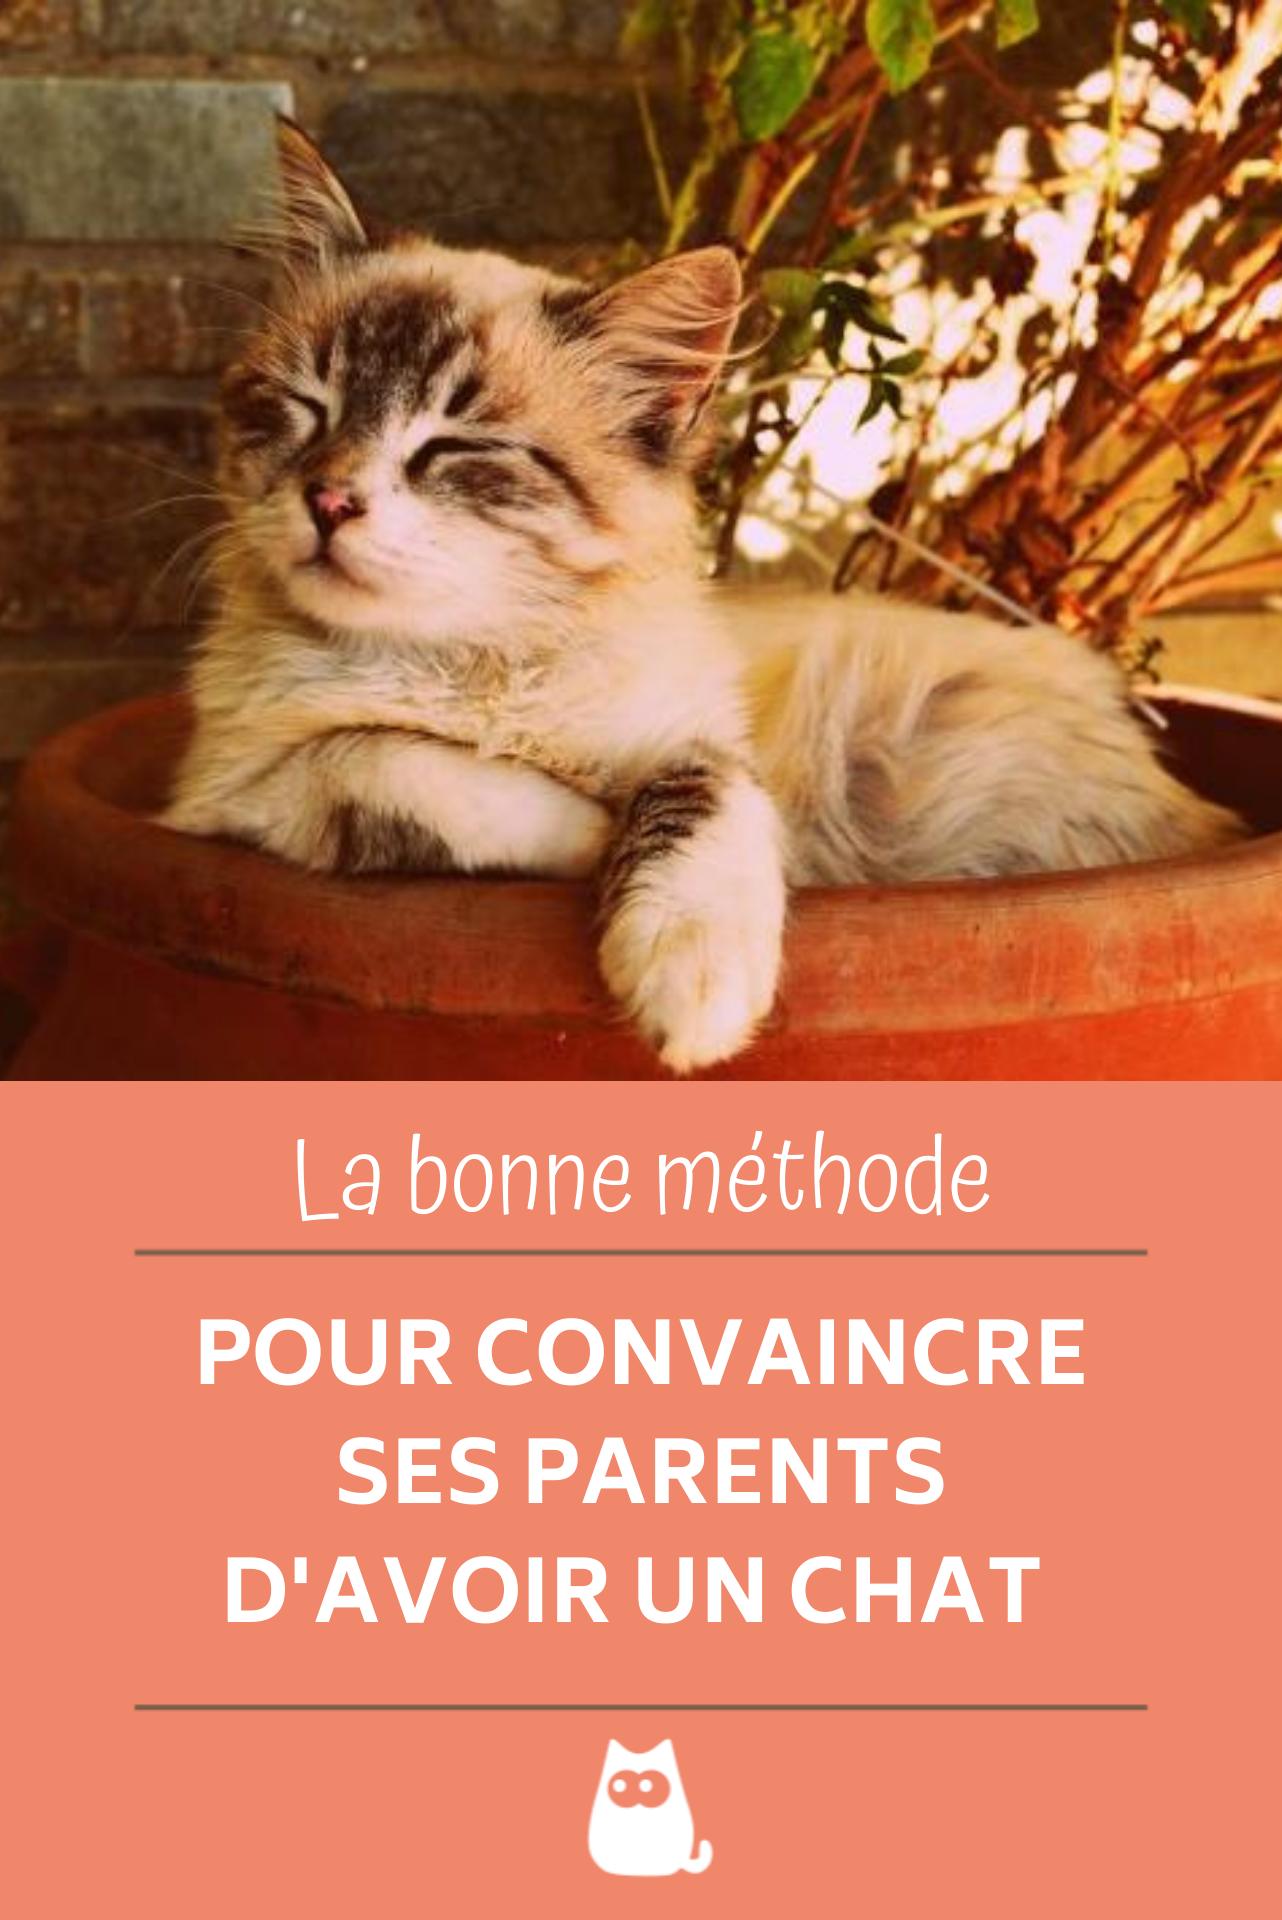 Comment Convaincre Ses Parents D Avoir Un Chat : comment, convaincre, parents, avoir, Comment, Convaincre, Parents, D'avoir, Chat,, Chats, Chatons,, Marrant